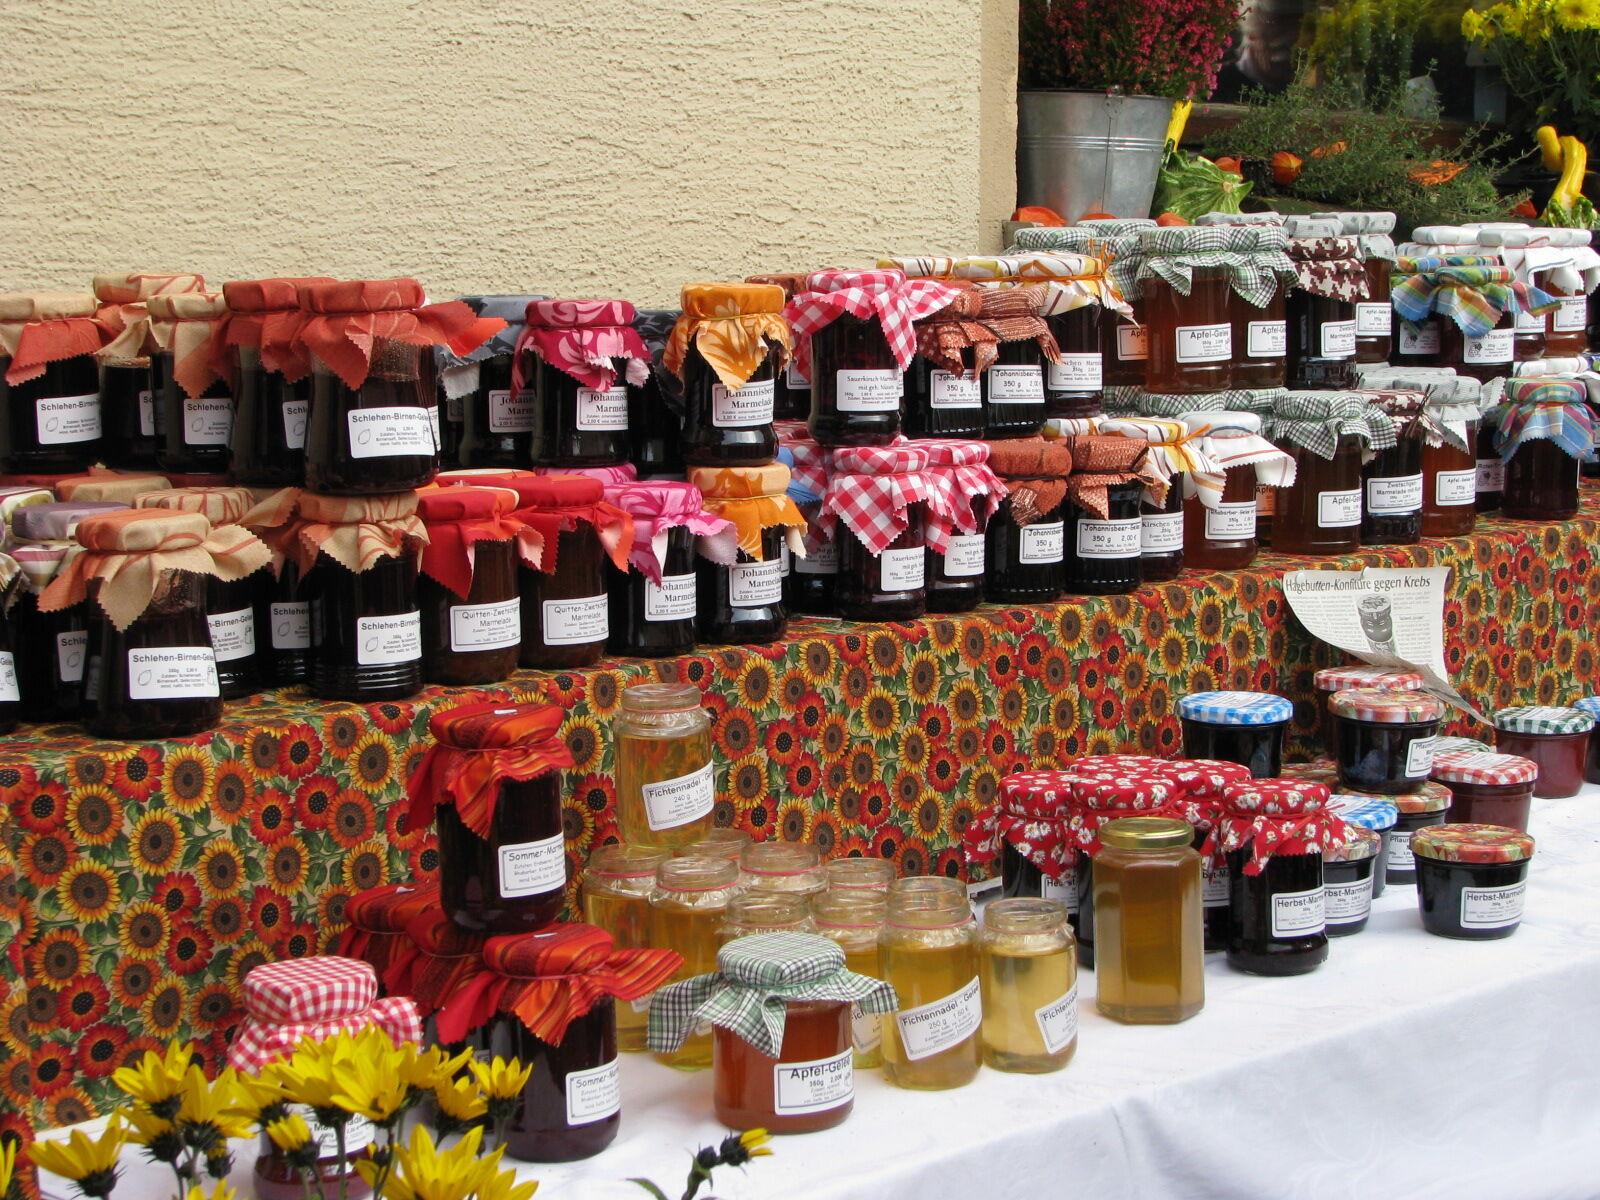 Die Direktvermarkter bieten auch Selbstgemachtes aus frischem Obst und Gemüse. Foto: Michael Stromer